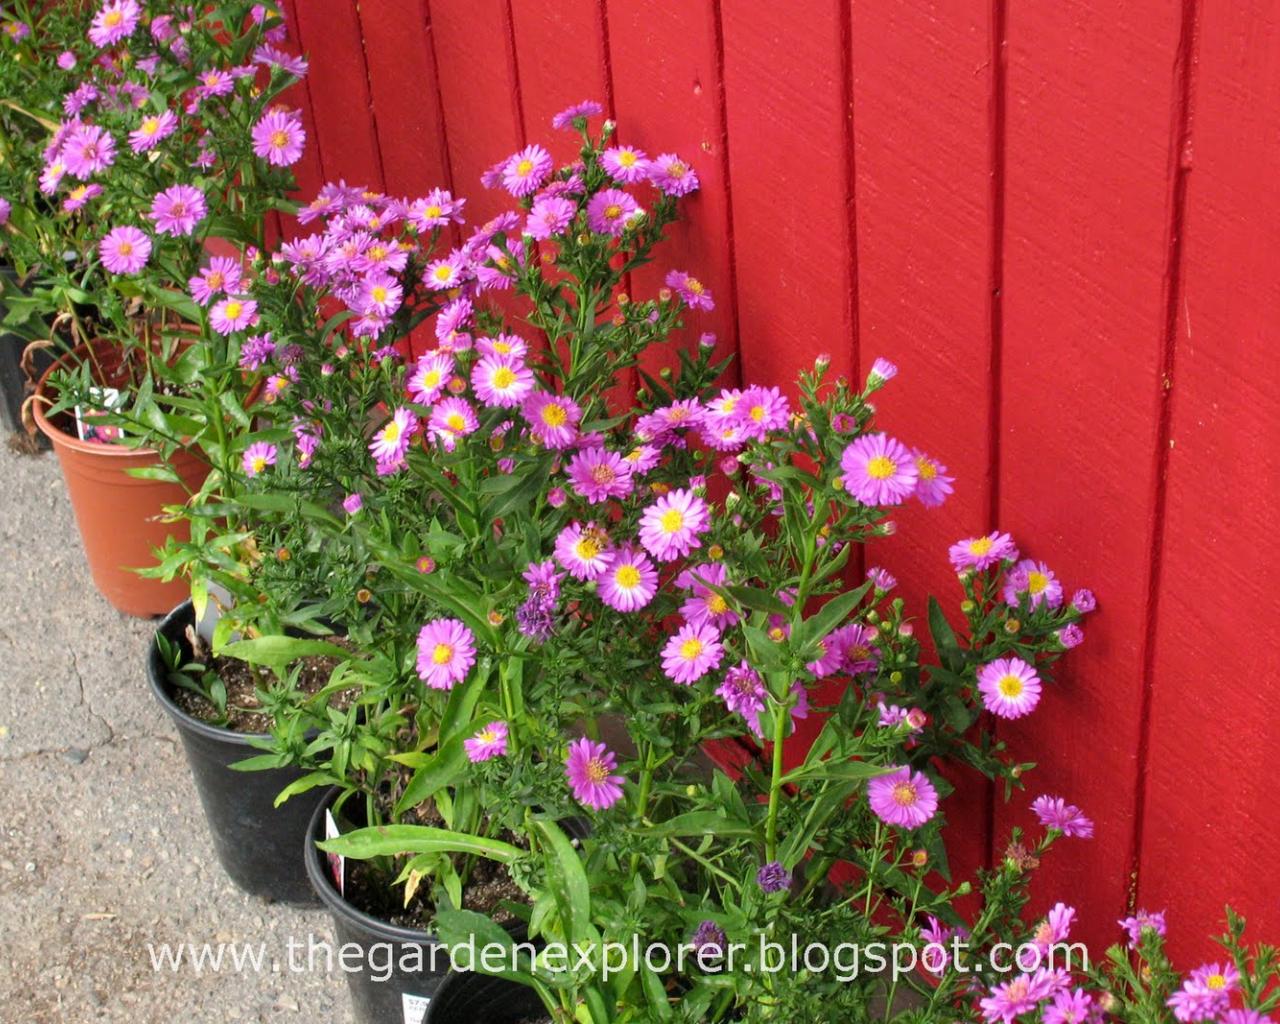 1600x1067px beautiful fall flowers wallpaper wallpapersafari beautiful fall flowers pictures 1600x1067 download resolutions desktop 1600x900 1536x864 1440x900 1366x768 izmirmasajfo